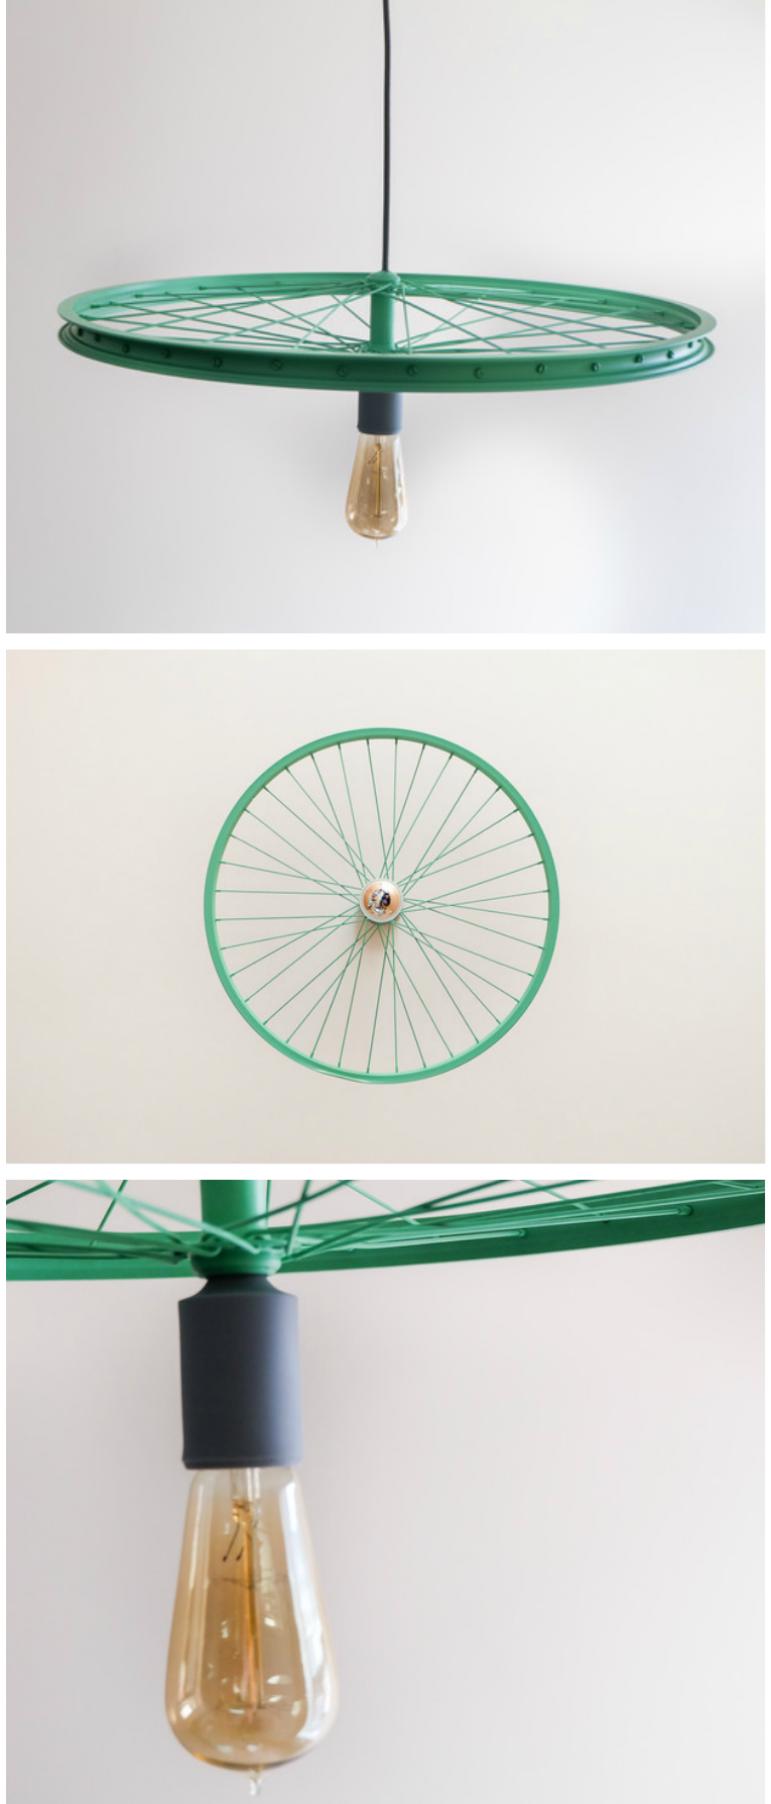 Hangelampe Aus Einem Fahrradreifen Upcycling Wohndeko Lampe